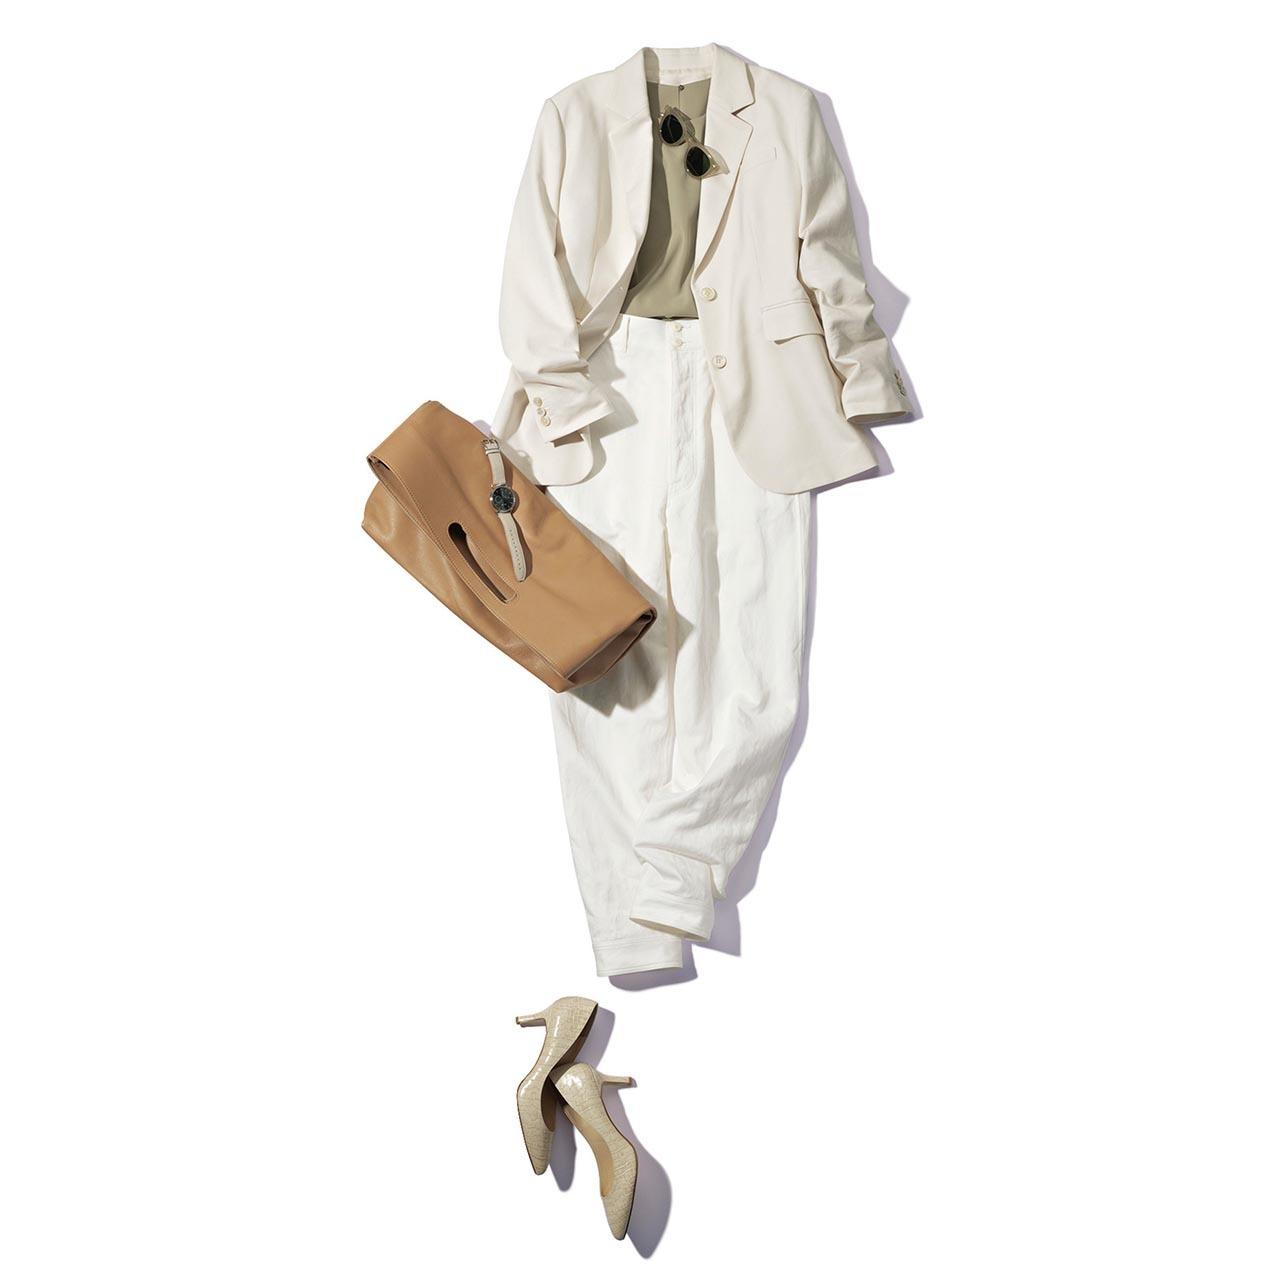 ロングジャケット×ベージュのブラウス×白パンツコーデを着たモデルの渡辺佳子さん